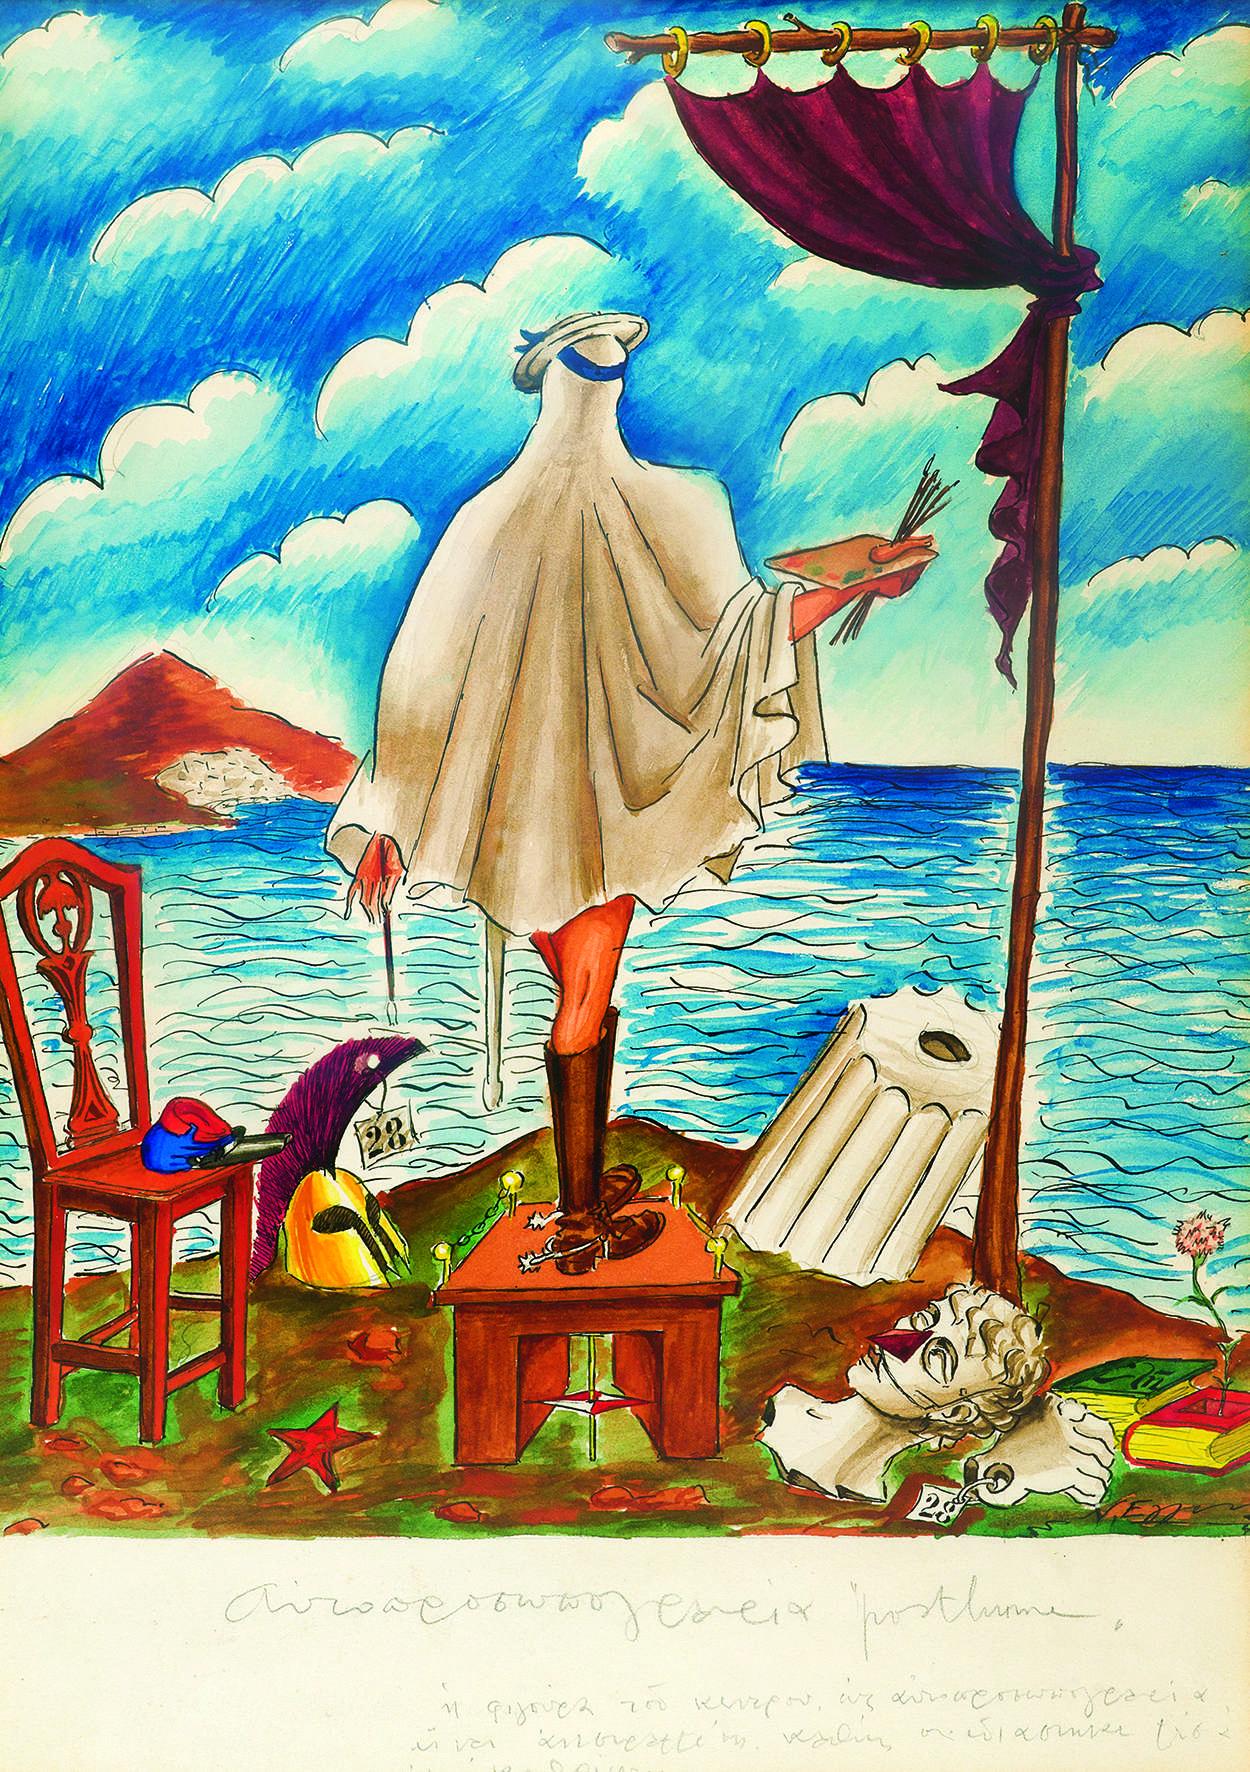 Νίκος Εγγονόπουλος. Μεταθανάτια αυτοπροσωπογραφία, 1940 Σινική μελάνη και ακουαρέλα σε χαρτί, 29,5 x 24 εκ., Ιδιωτική συλλογή.